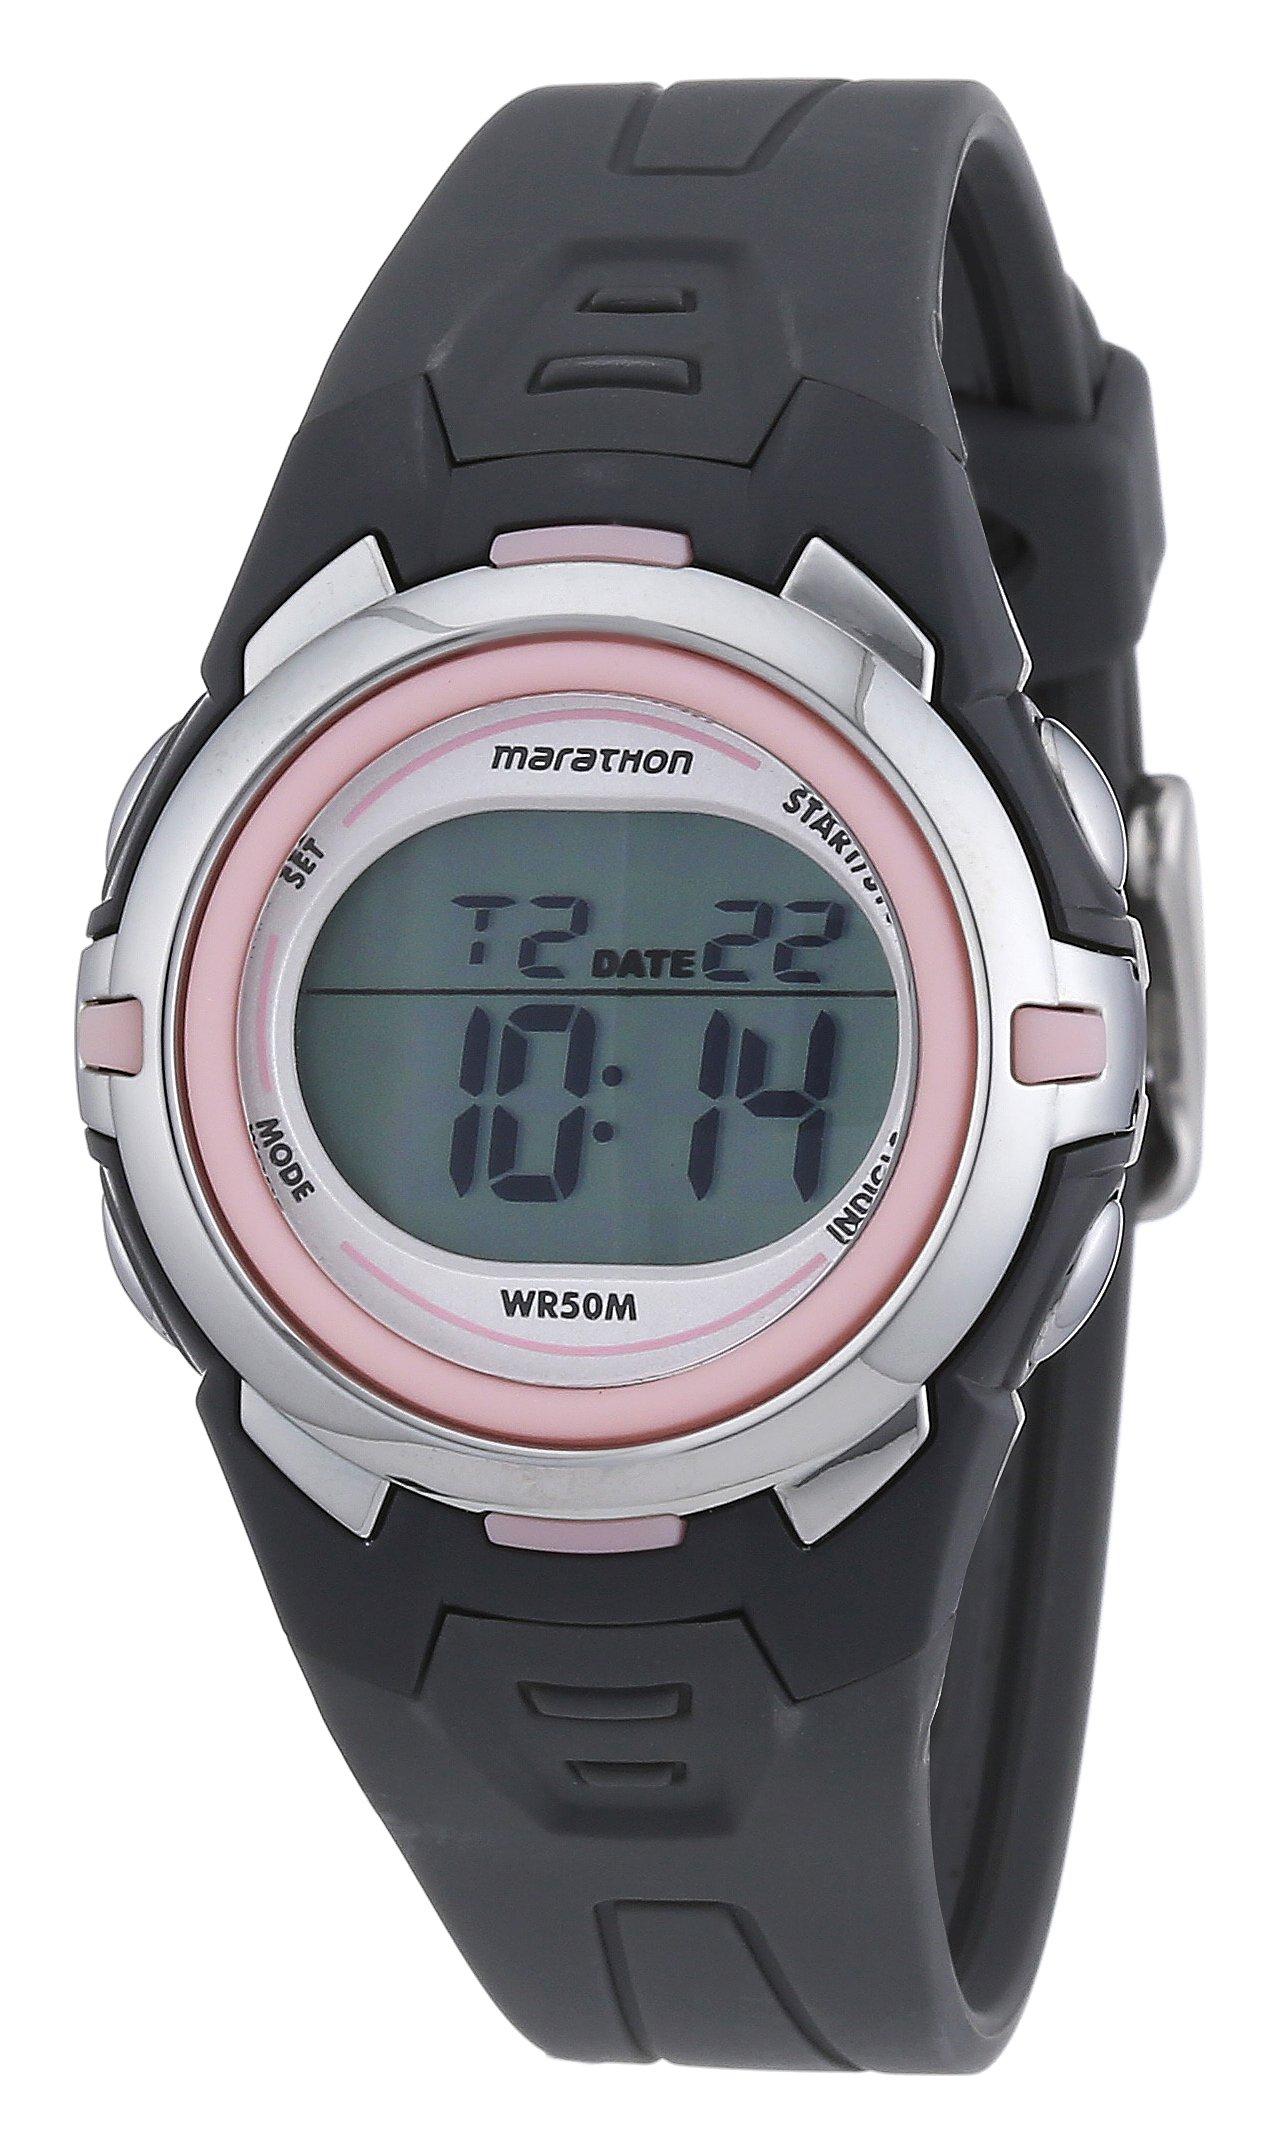 Marathon by Timex Women's T5K360 Digital Mid-Size Dark Gray/Pink Resin Strap Watch by Timex